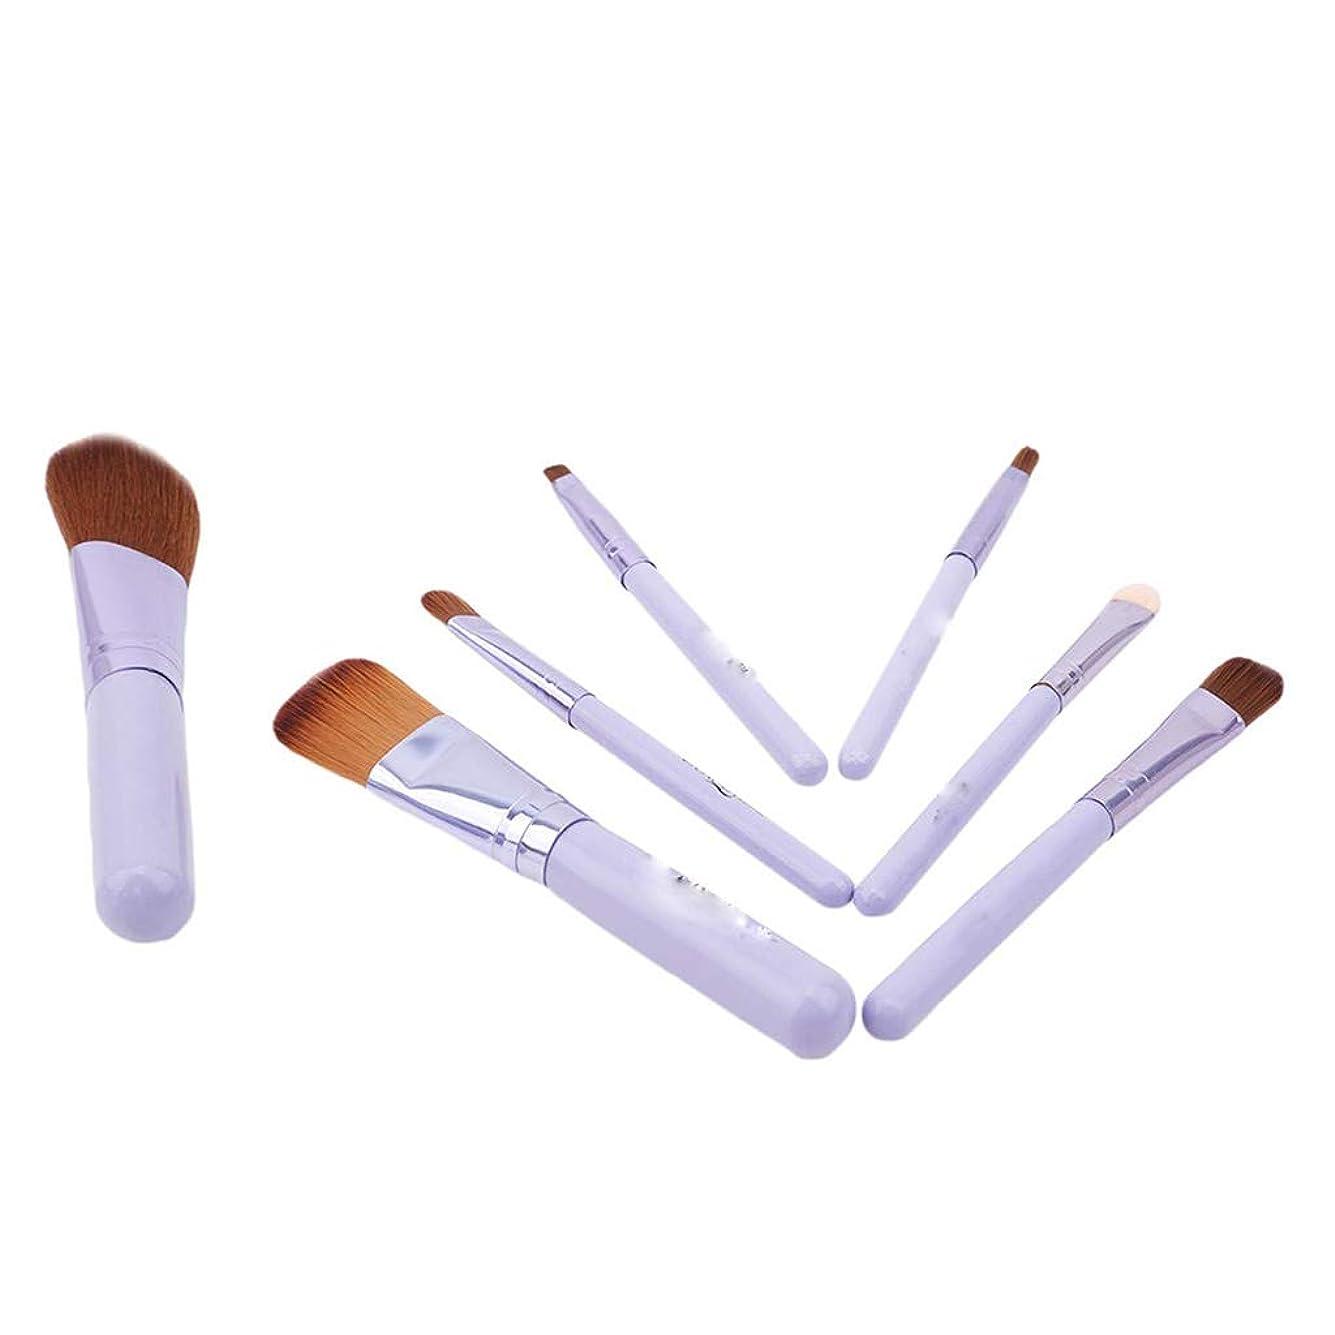 フラスコバリケード商標1st market プレミアム7ピース化粧ブラシソフトファイバーファンデーションアイシャドウブラシ化粧品ツール紫